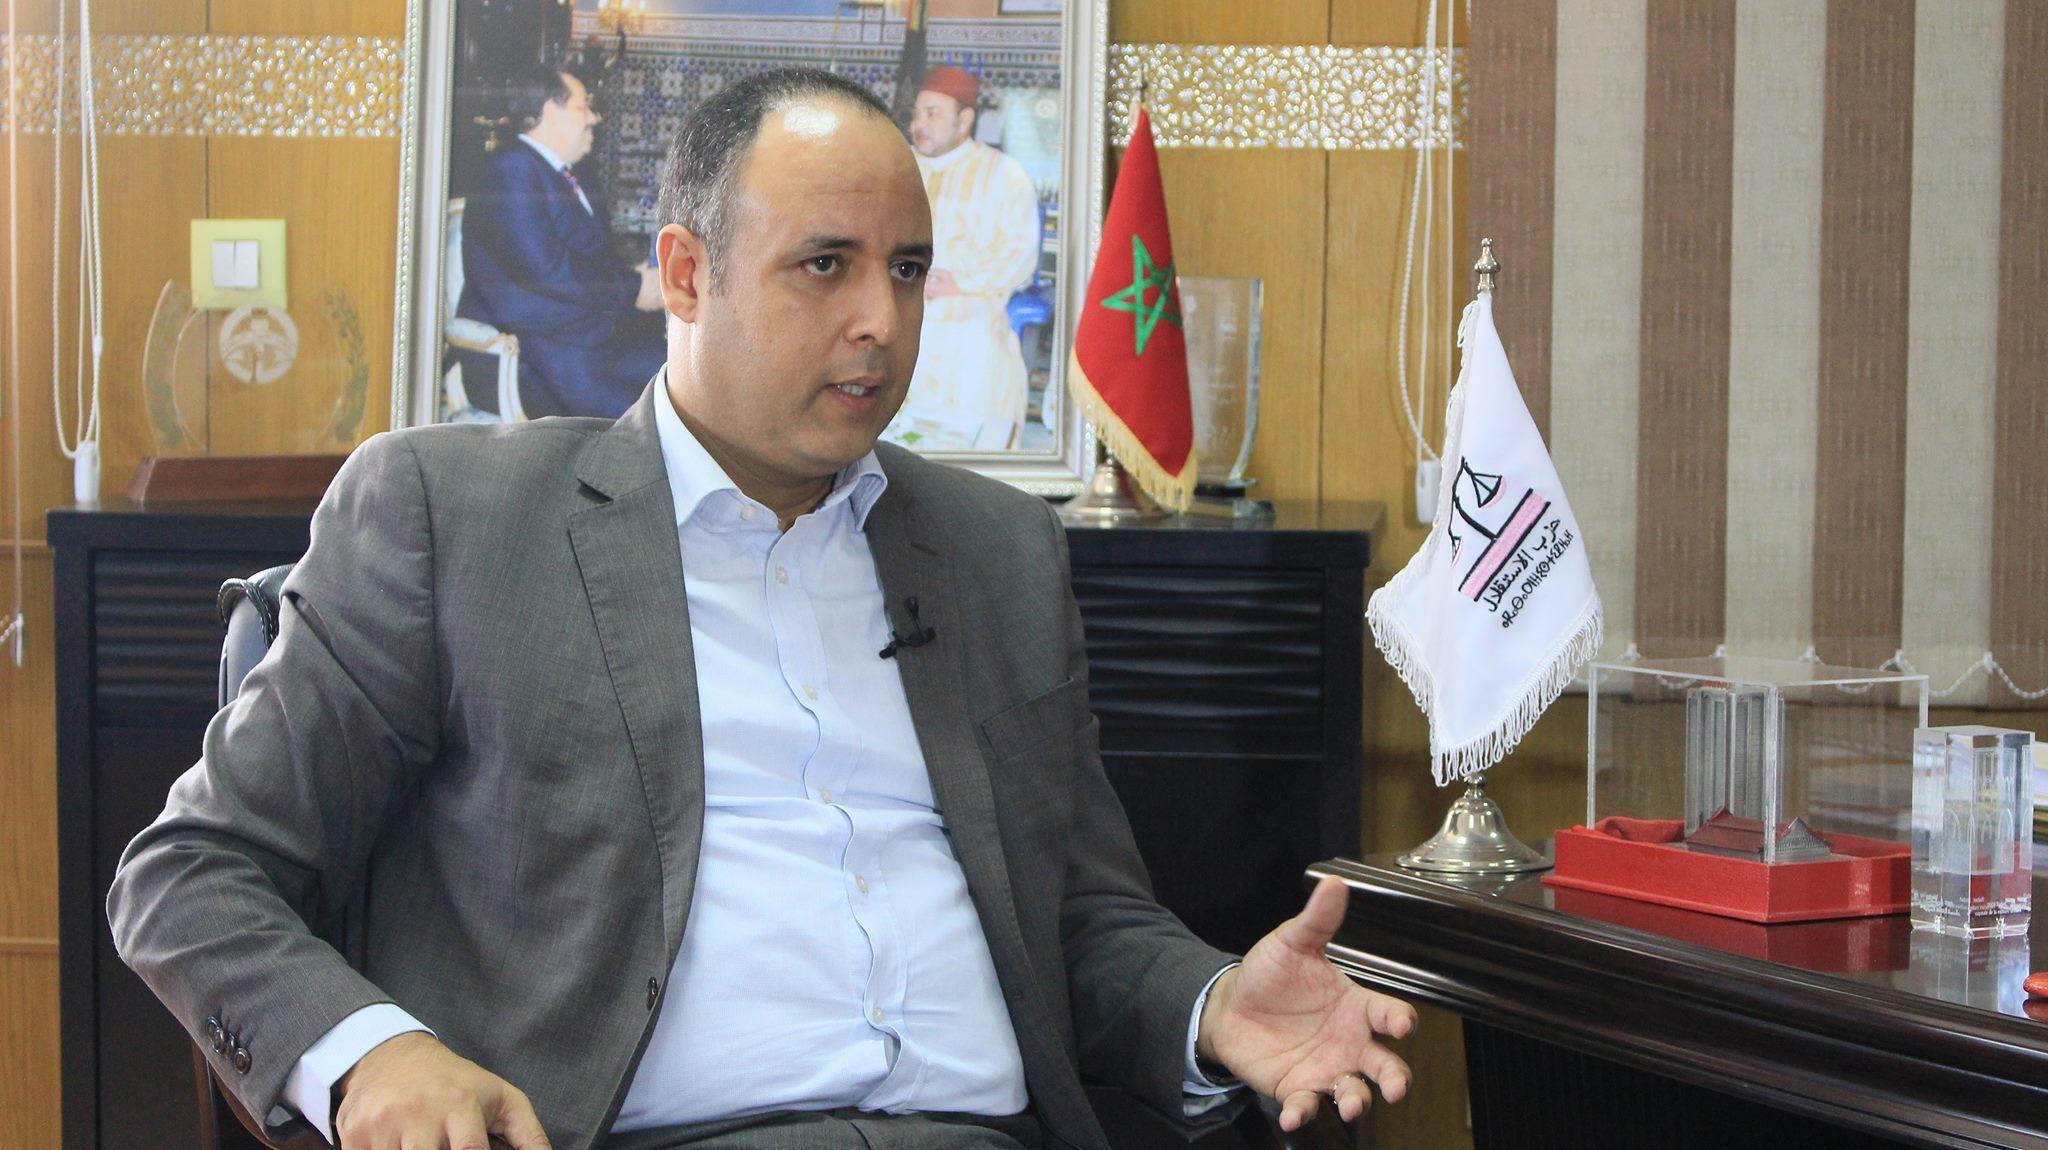 عادل بنحمزة : الأعيان استوطنت الأحزاب .. فتراجع دور النخب